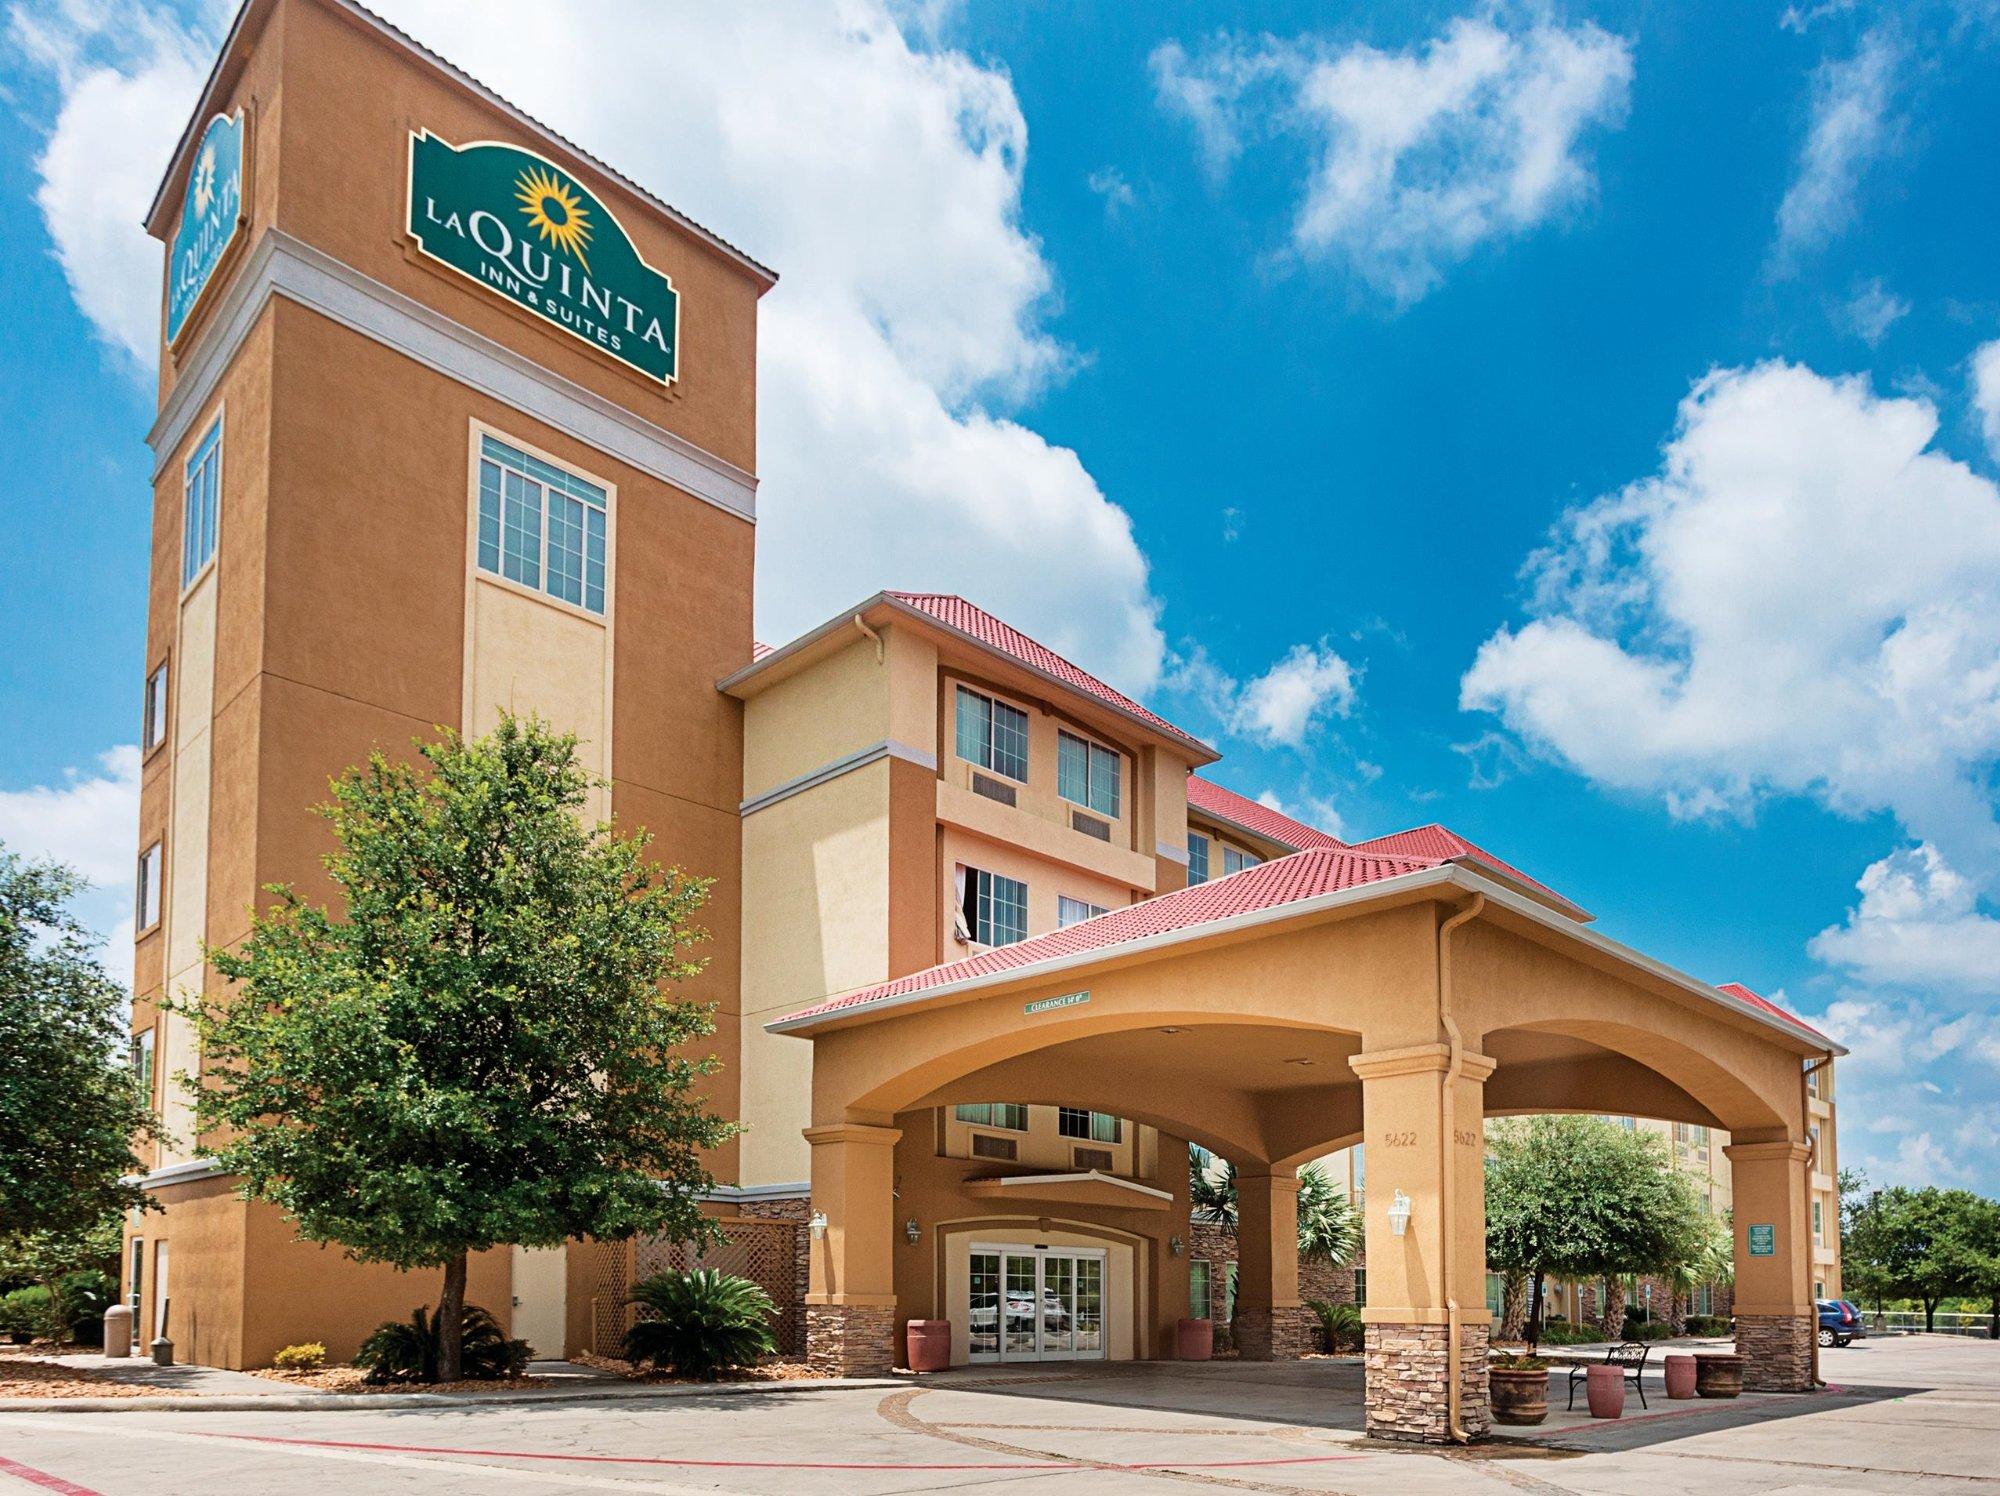 La Quinta Inn & Suites San Antonio Fiesta